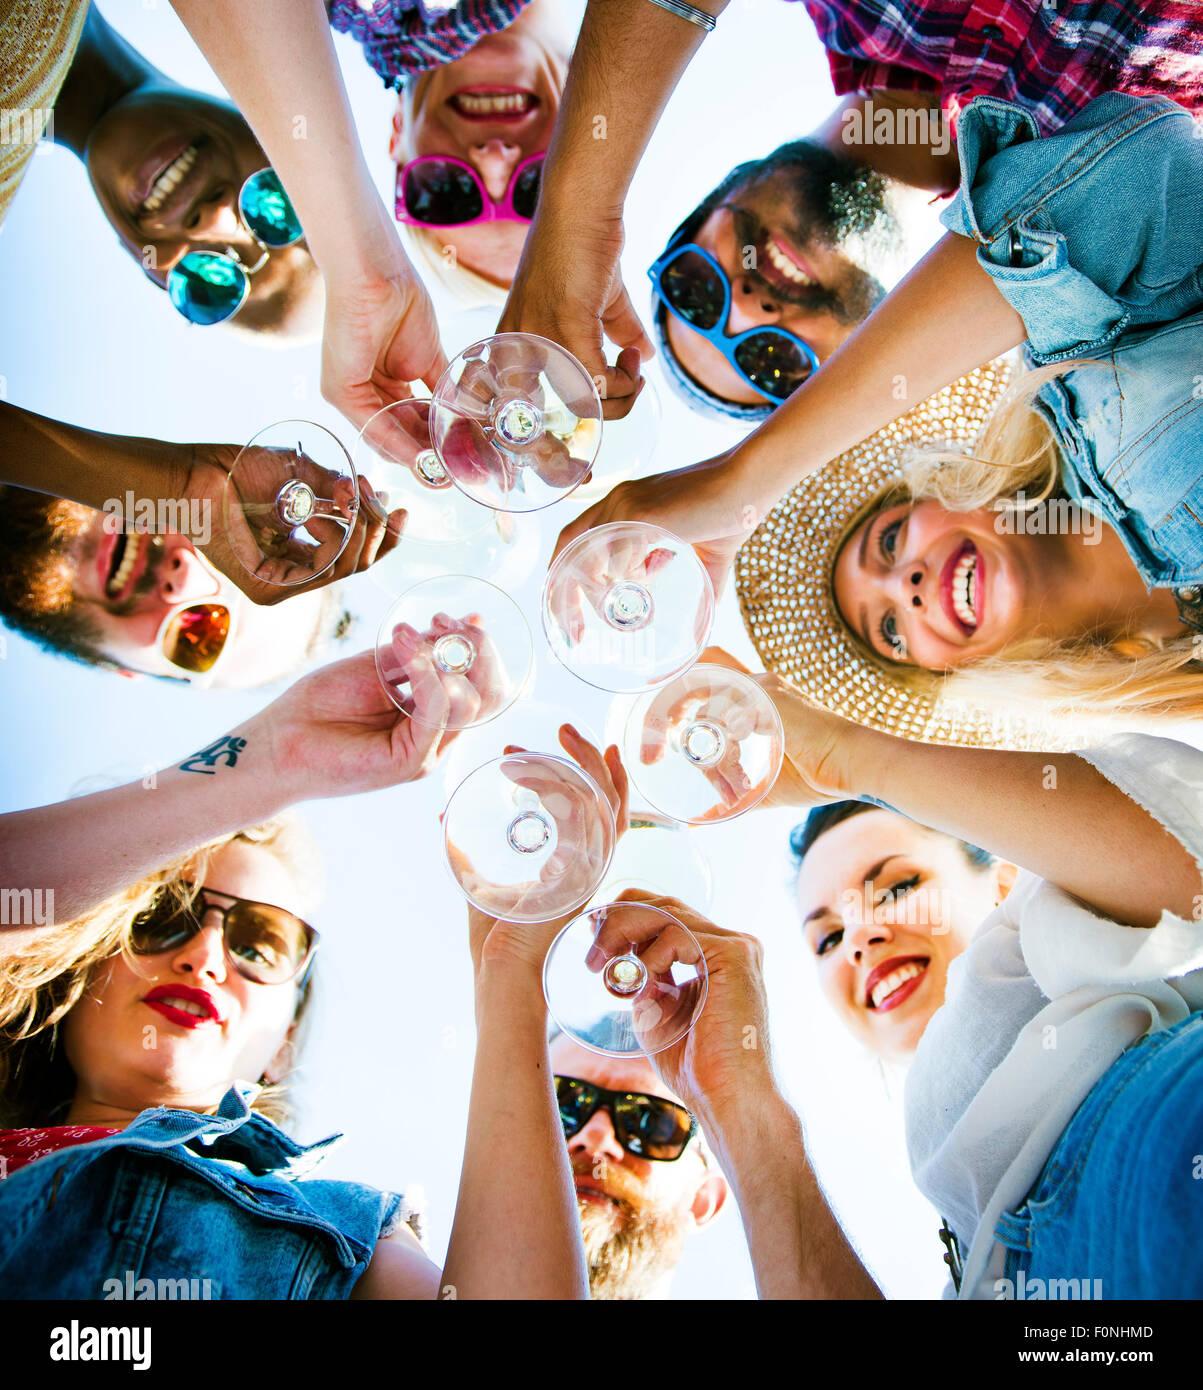 Spiaggia celebrazione Cheers amicizia divertimento estivo Concept Immagini Stock